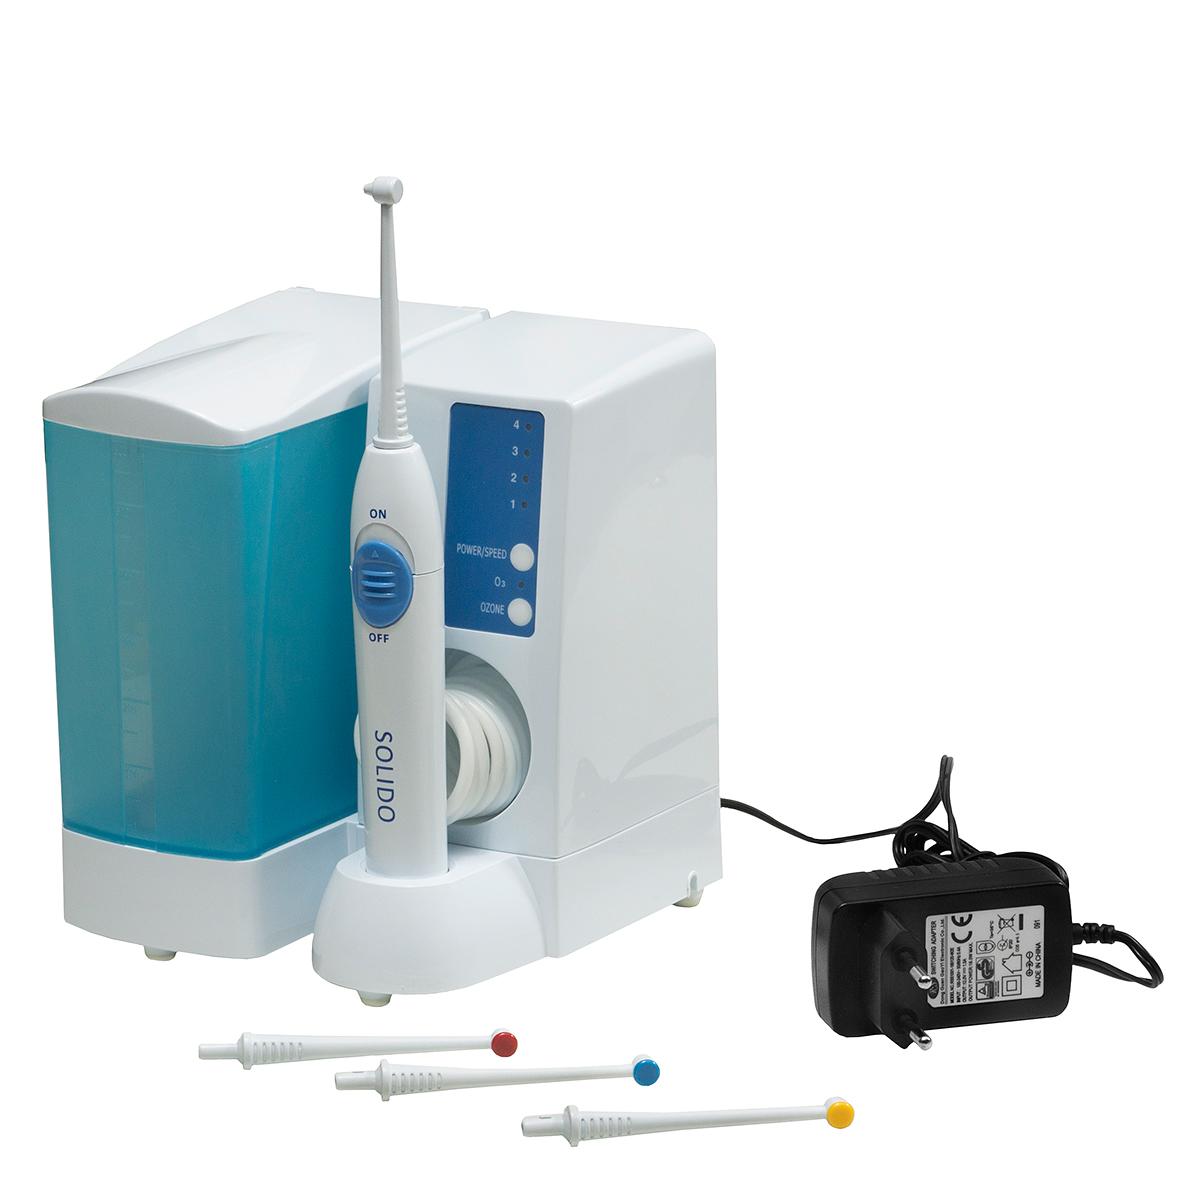 Solido Ирригатор0001521Ирригатор Solido – прибор для очистки полости рта от бактерий, разработанный итальянской компанией Bremed. Отличительной особенностью данного ирригатора от всех остальных моделей является включенная в него функция озонирования. Ирригатор полости рта Solido – аппарат, который позволяет при помощи озонированной воды более эффективно очищать межзубное пространство и зубодесневые карманы, нежели зубная нить или зубная щетка. В ирригатор заливается обычная вода или жидкость для полоскания рта, которая очищается и озонируется в аппарате. Во время использования озонированной воды Вы легко разлагаете вирусы, бактерии и микроорганизмы, очищая даже невидимые микротрещины зубов. Таким образом, вы снизите вероятность заболевания полости рта и всевозможных заболеваний зубов. Здоровье – это богатство, которое нужно сохранить. И сегодня у нас есть все для этого. Правильный уход за полостью рта позволяет создать благоприятные условия для правильной работы большинства внутренних органов, в том числе и для работы пищеварительной системы. Для того чтобы сделать это мы предлагаем ирригатор полости рта Solido. Это устройство имеет массу преимуществ и особенностей, о которых мы расскажем далее. -Ирригатор имеет встроенный источник озона для озонирования воды/раствора. -Максимальное давление воды – 550 кПа. -Четыре скорости подачи струи (550 кПа, 450 кПа, 400 кПа, 350 кПа). -В комплекте 4 сменные насадки. -Возможно крепление к стене (крепеж в комплекте). -Емкость резервуара для жидкости - 600 мл. -Таймер автоматического отключения через 2 минуты 30 секунд. -Выход озона - 0,082мг/час -Питание от сети 220 В. -Размеры: 16х15х18 см. -Вес – 800 г. -Сборка: Китай В первую очередь стоит сказать, что данное устройство предназначено для использования в домашних условиях. Оно позволяет тщательно очистить зубы и полость рта от остатков пищи и налета. Кроме того ирригатор является неотъемлемой частью ухода для людей с зубными конструкциями. Брекеты, пластины, импланты и другие 